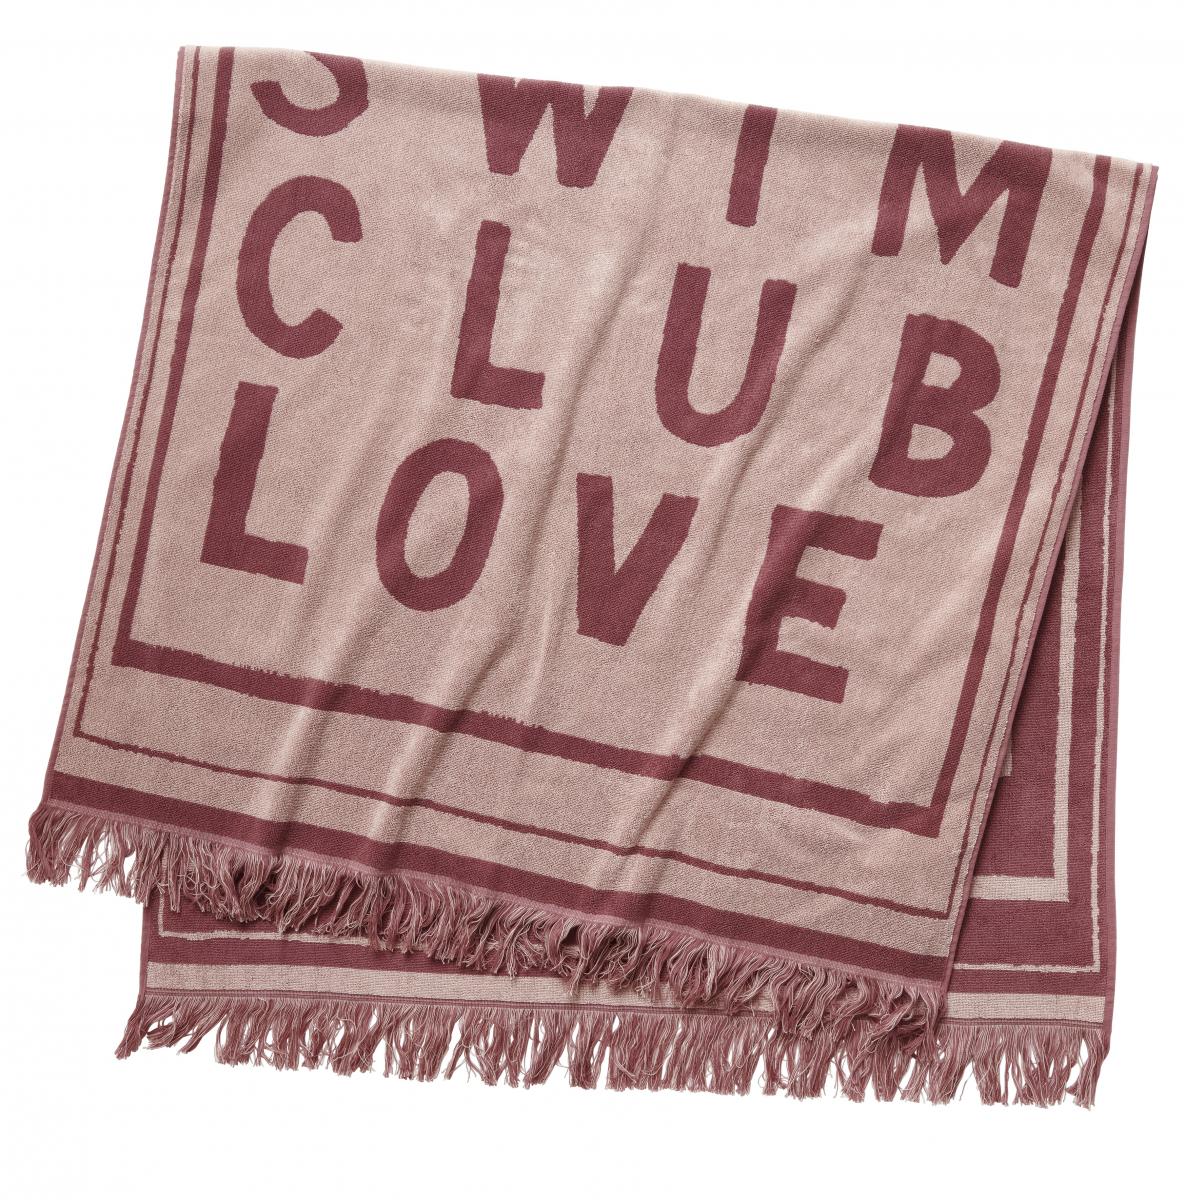 スカーフ ¥3,999/H&M カスタマーサービス(ラブ・ストーリーズ スウィムクラブ × H&M)